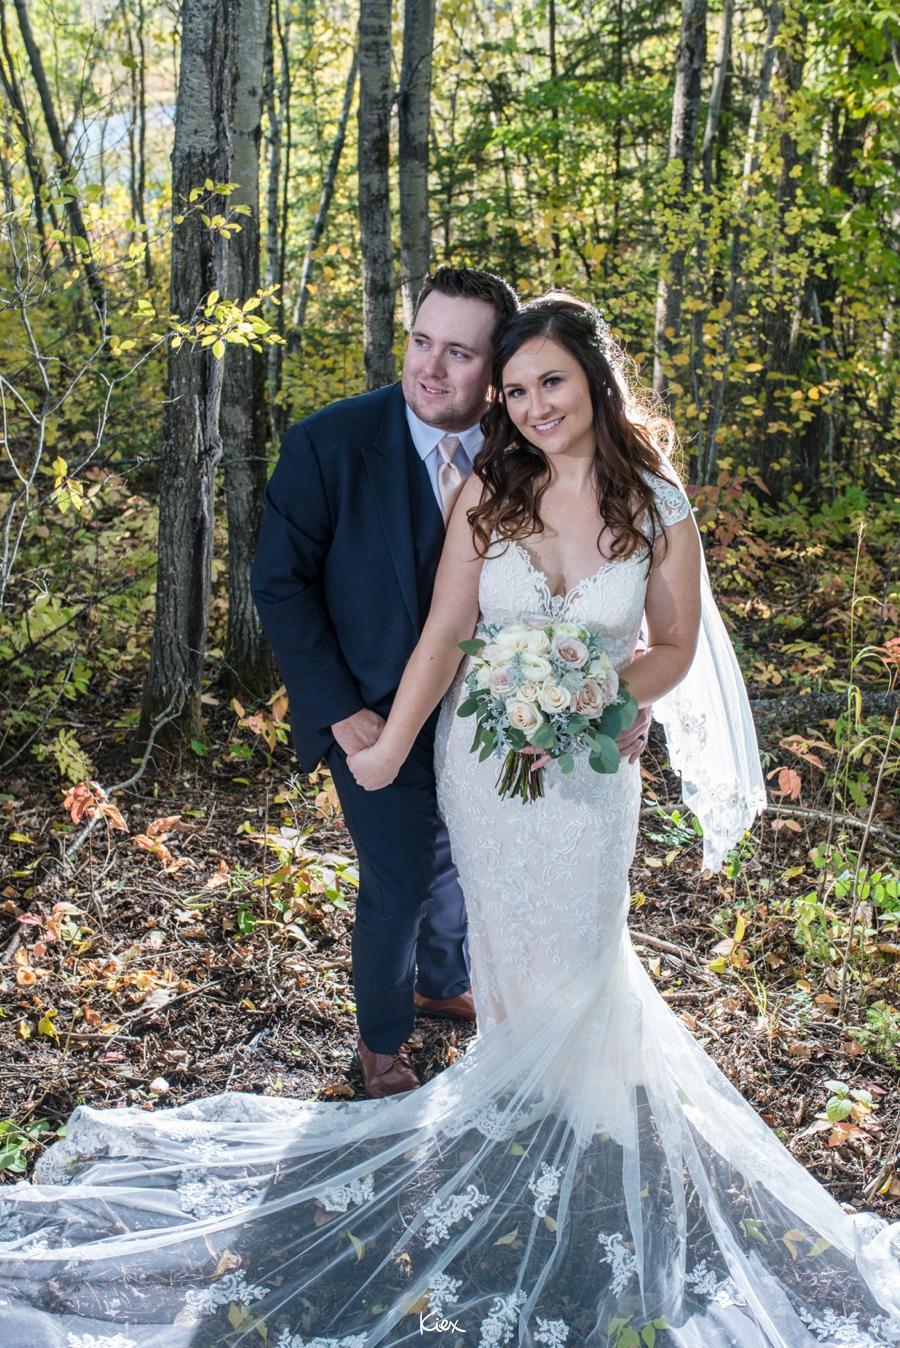 KIEX WEDDING_TESS+BRADY_077.jpg